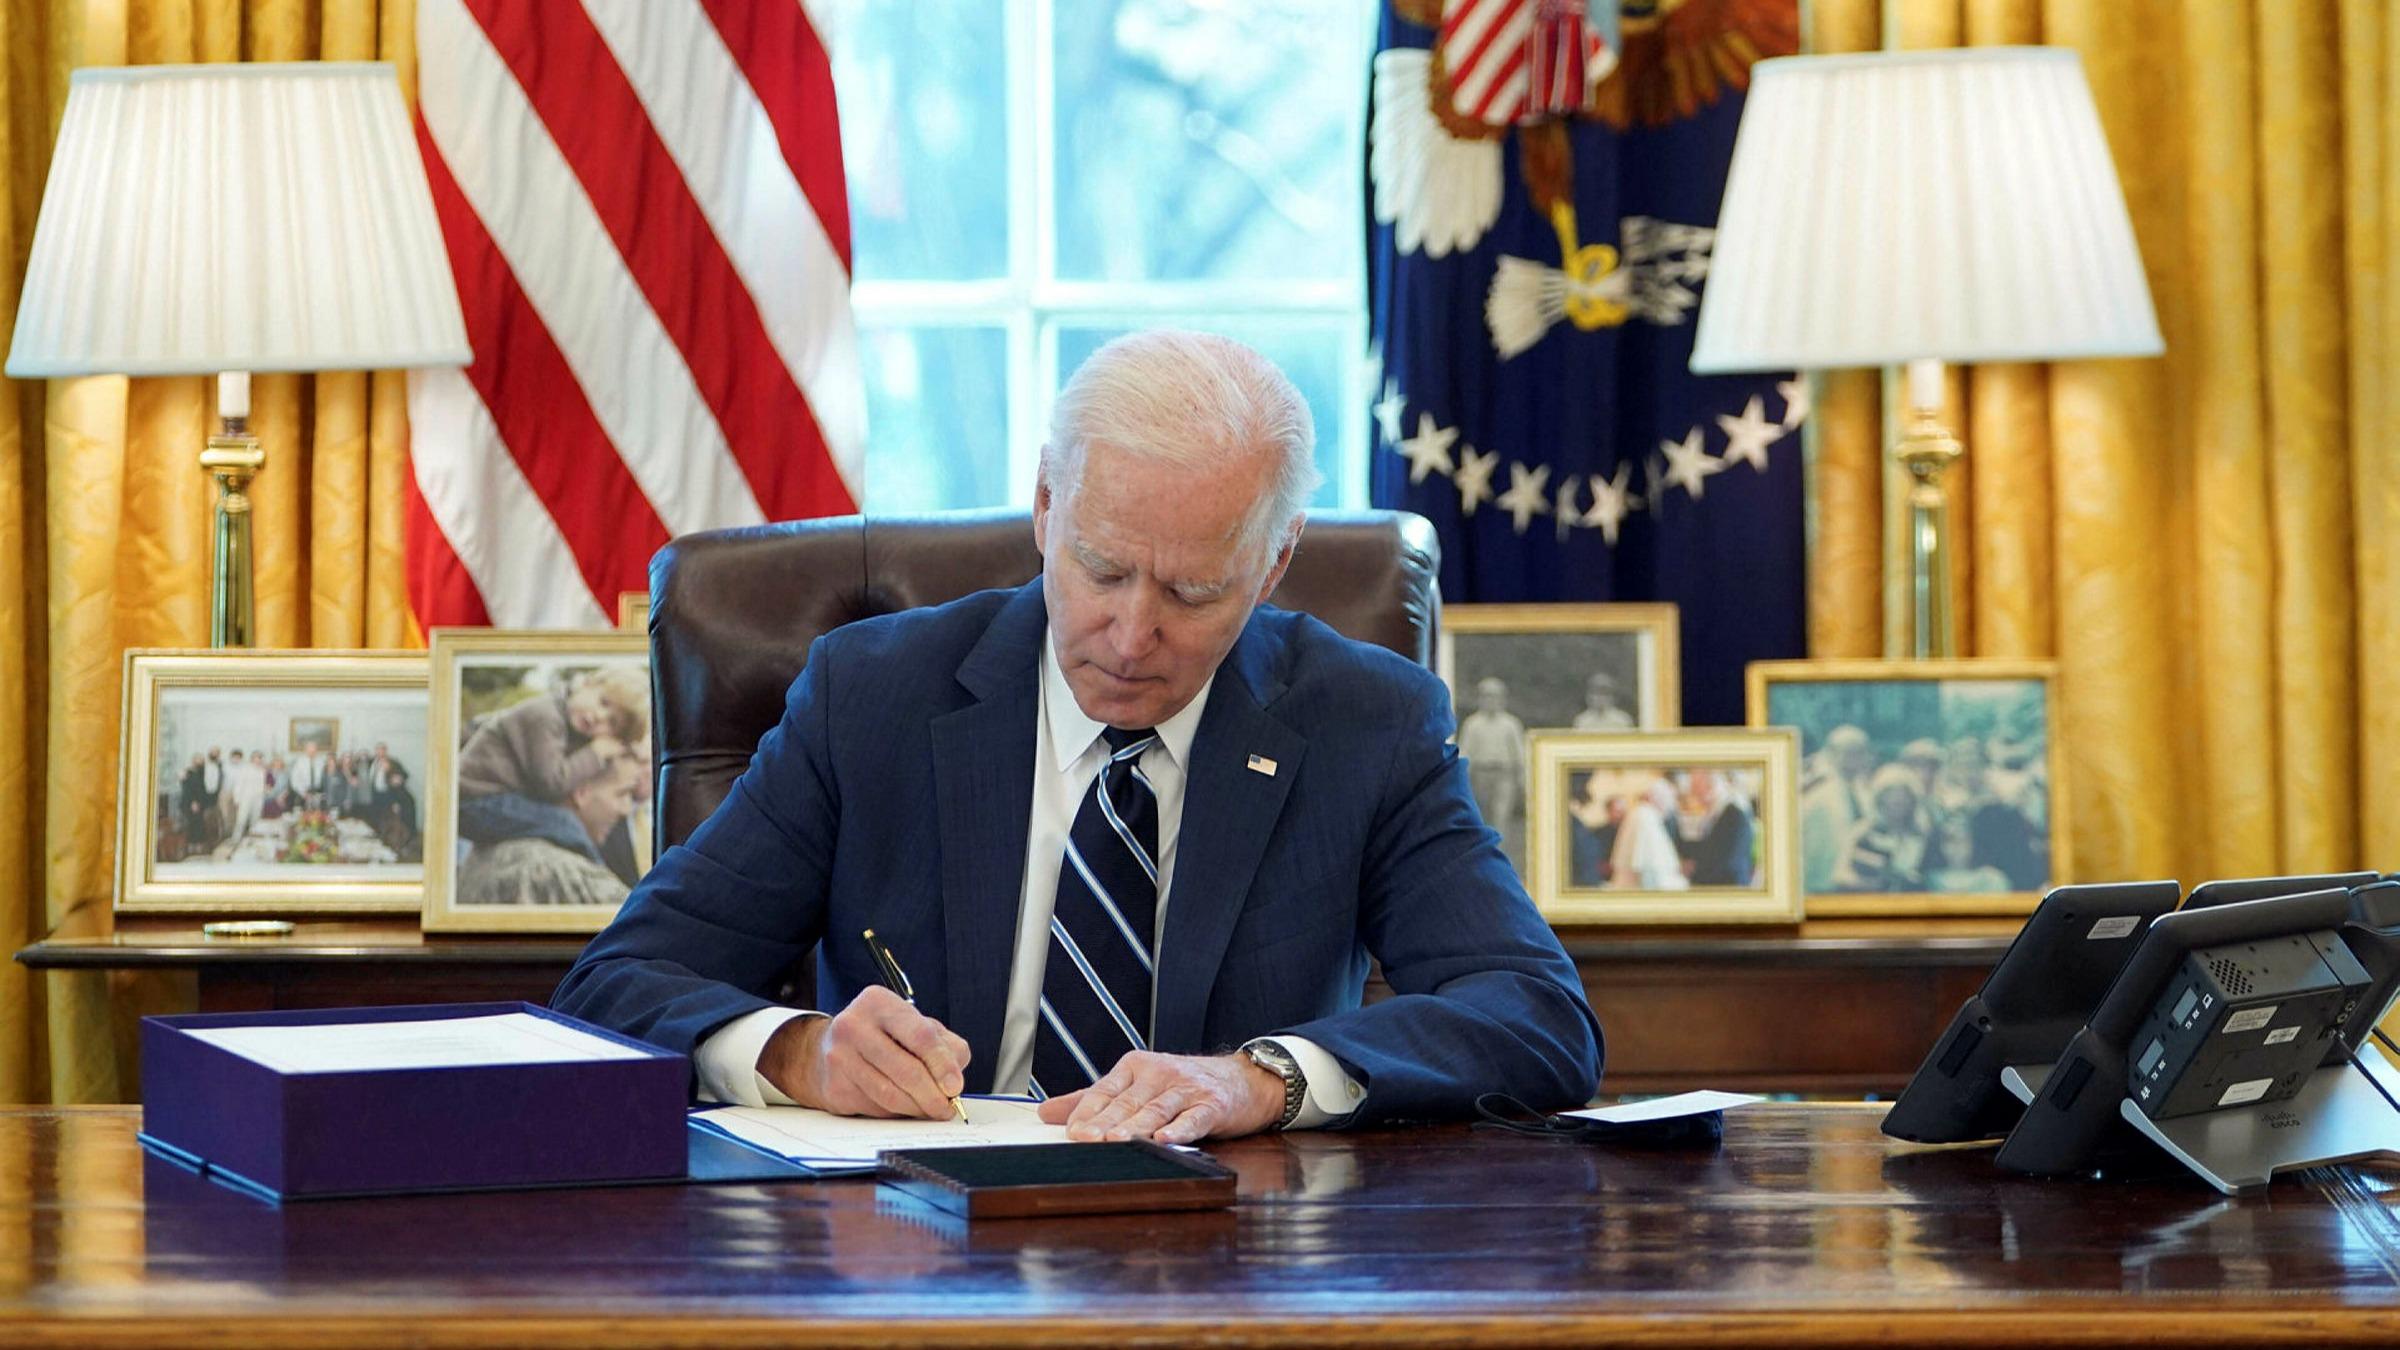 Joe Biden signs $1.9tn stimulus bill into law